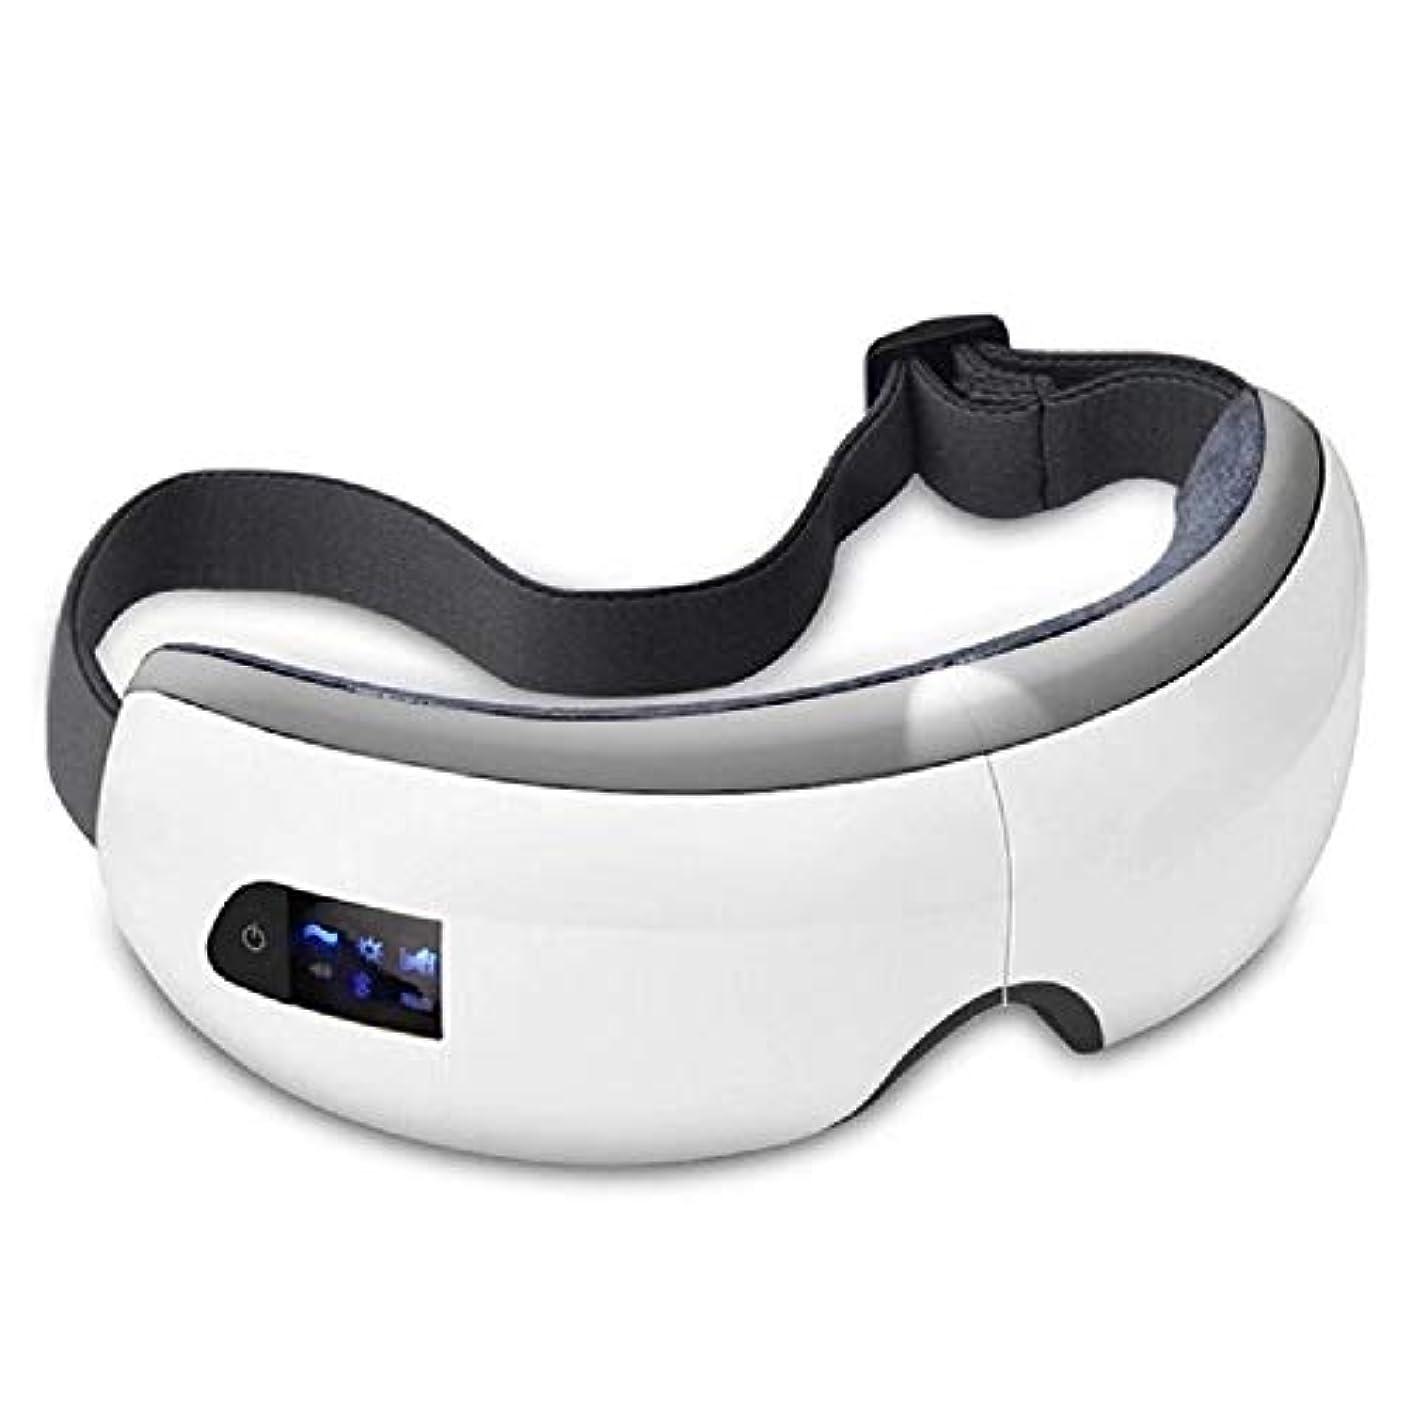 欠員悪性のアクセサリーRuzzy 流行の目のマッサージのSPAの器械、熱療法が付いている電気アイマッサージャー 購入へようこそ